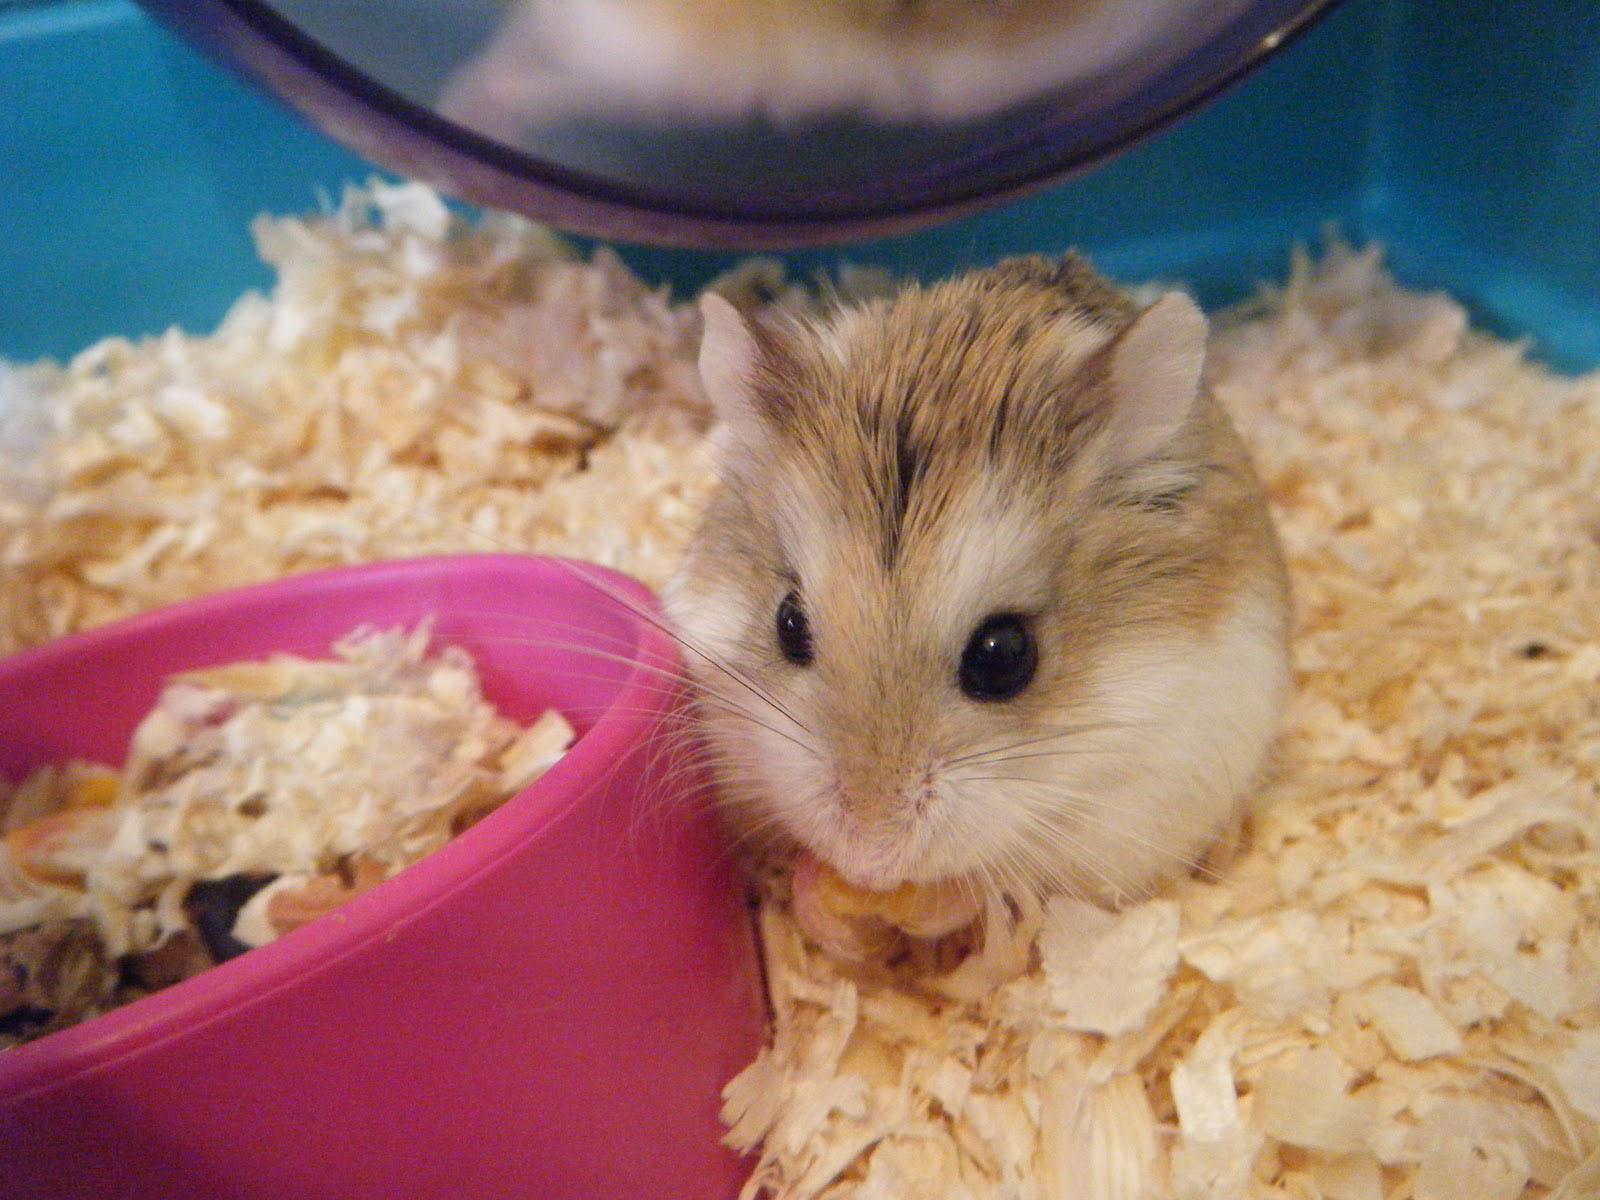 Hamsters achtergronden dieren hd hamster wallpapers foto 21jpg 1600x1200